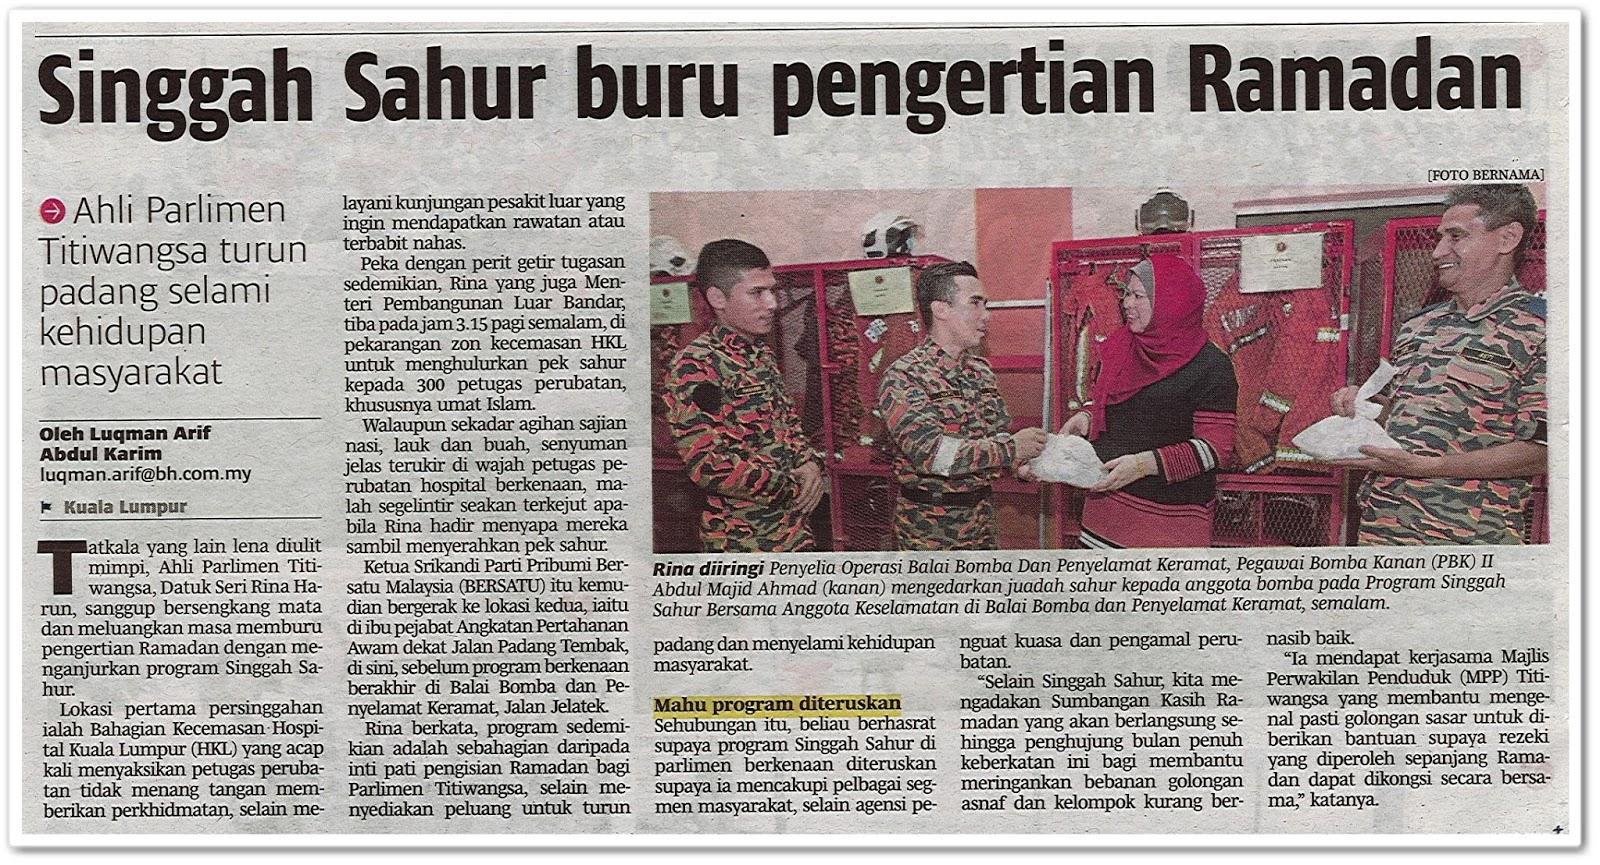 Singgah Sahur buru pengertian Ramadan - Keratan akhbar Berita Harian 21 Mei 2019